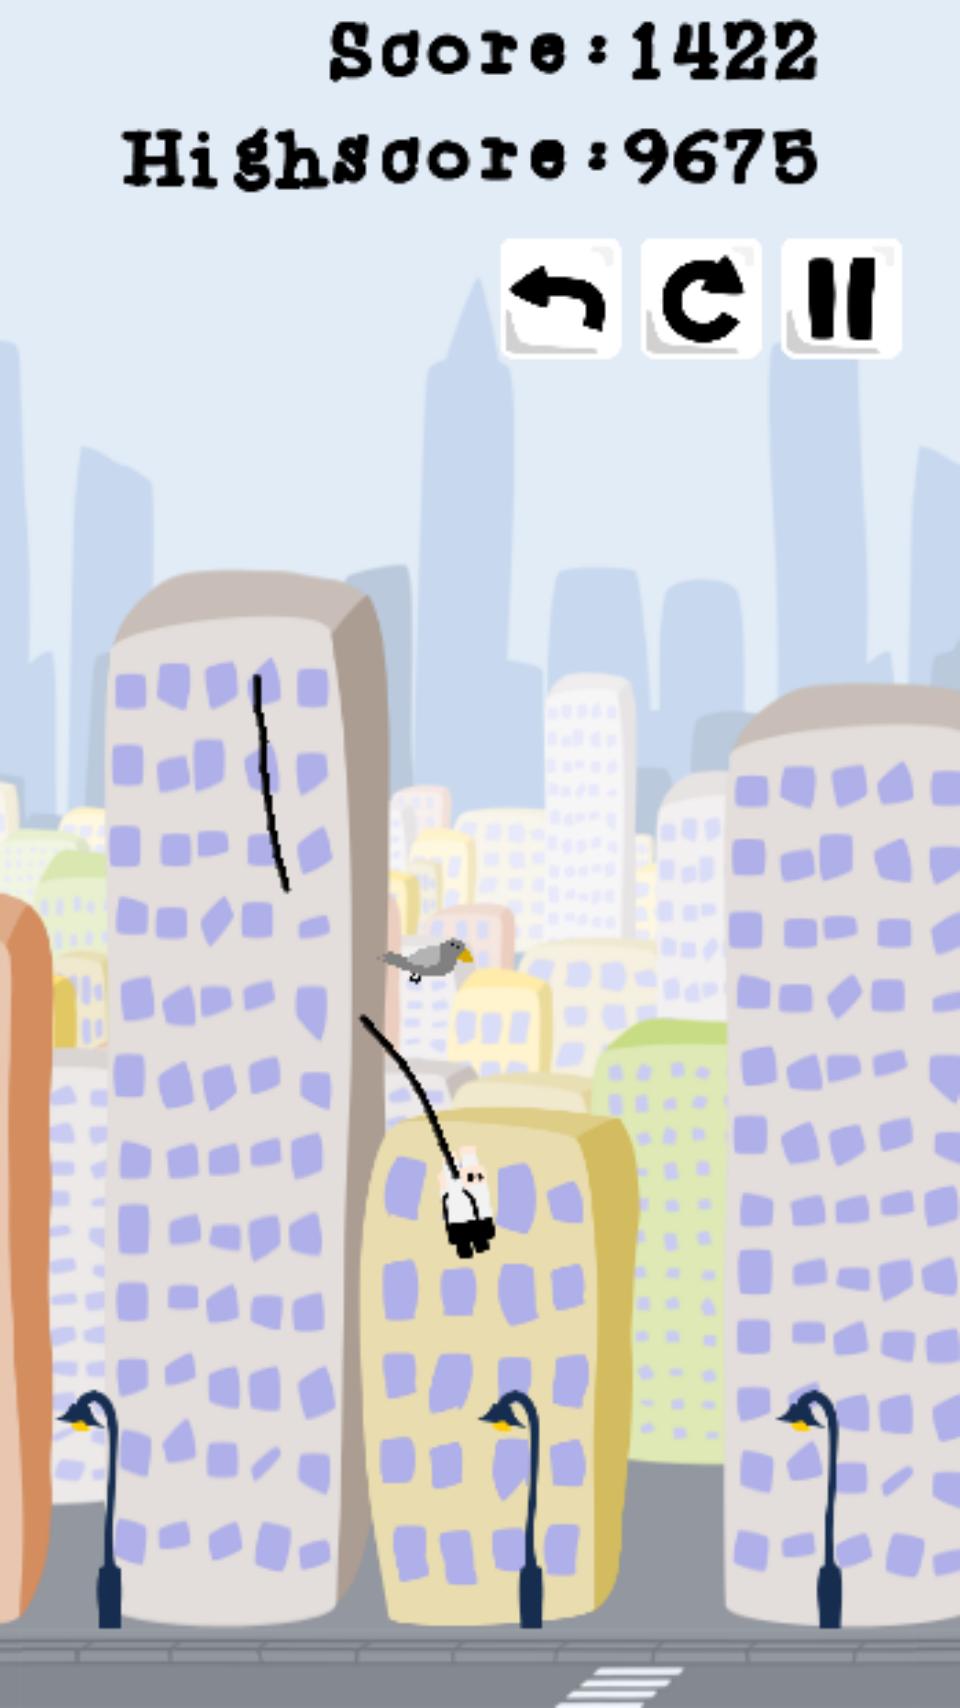 Создание мобильной игры в Construct 2. Путь неопытного - 2